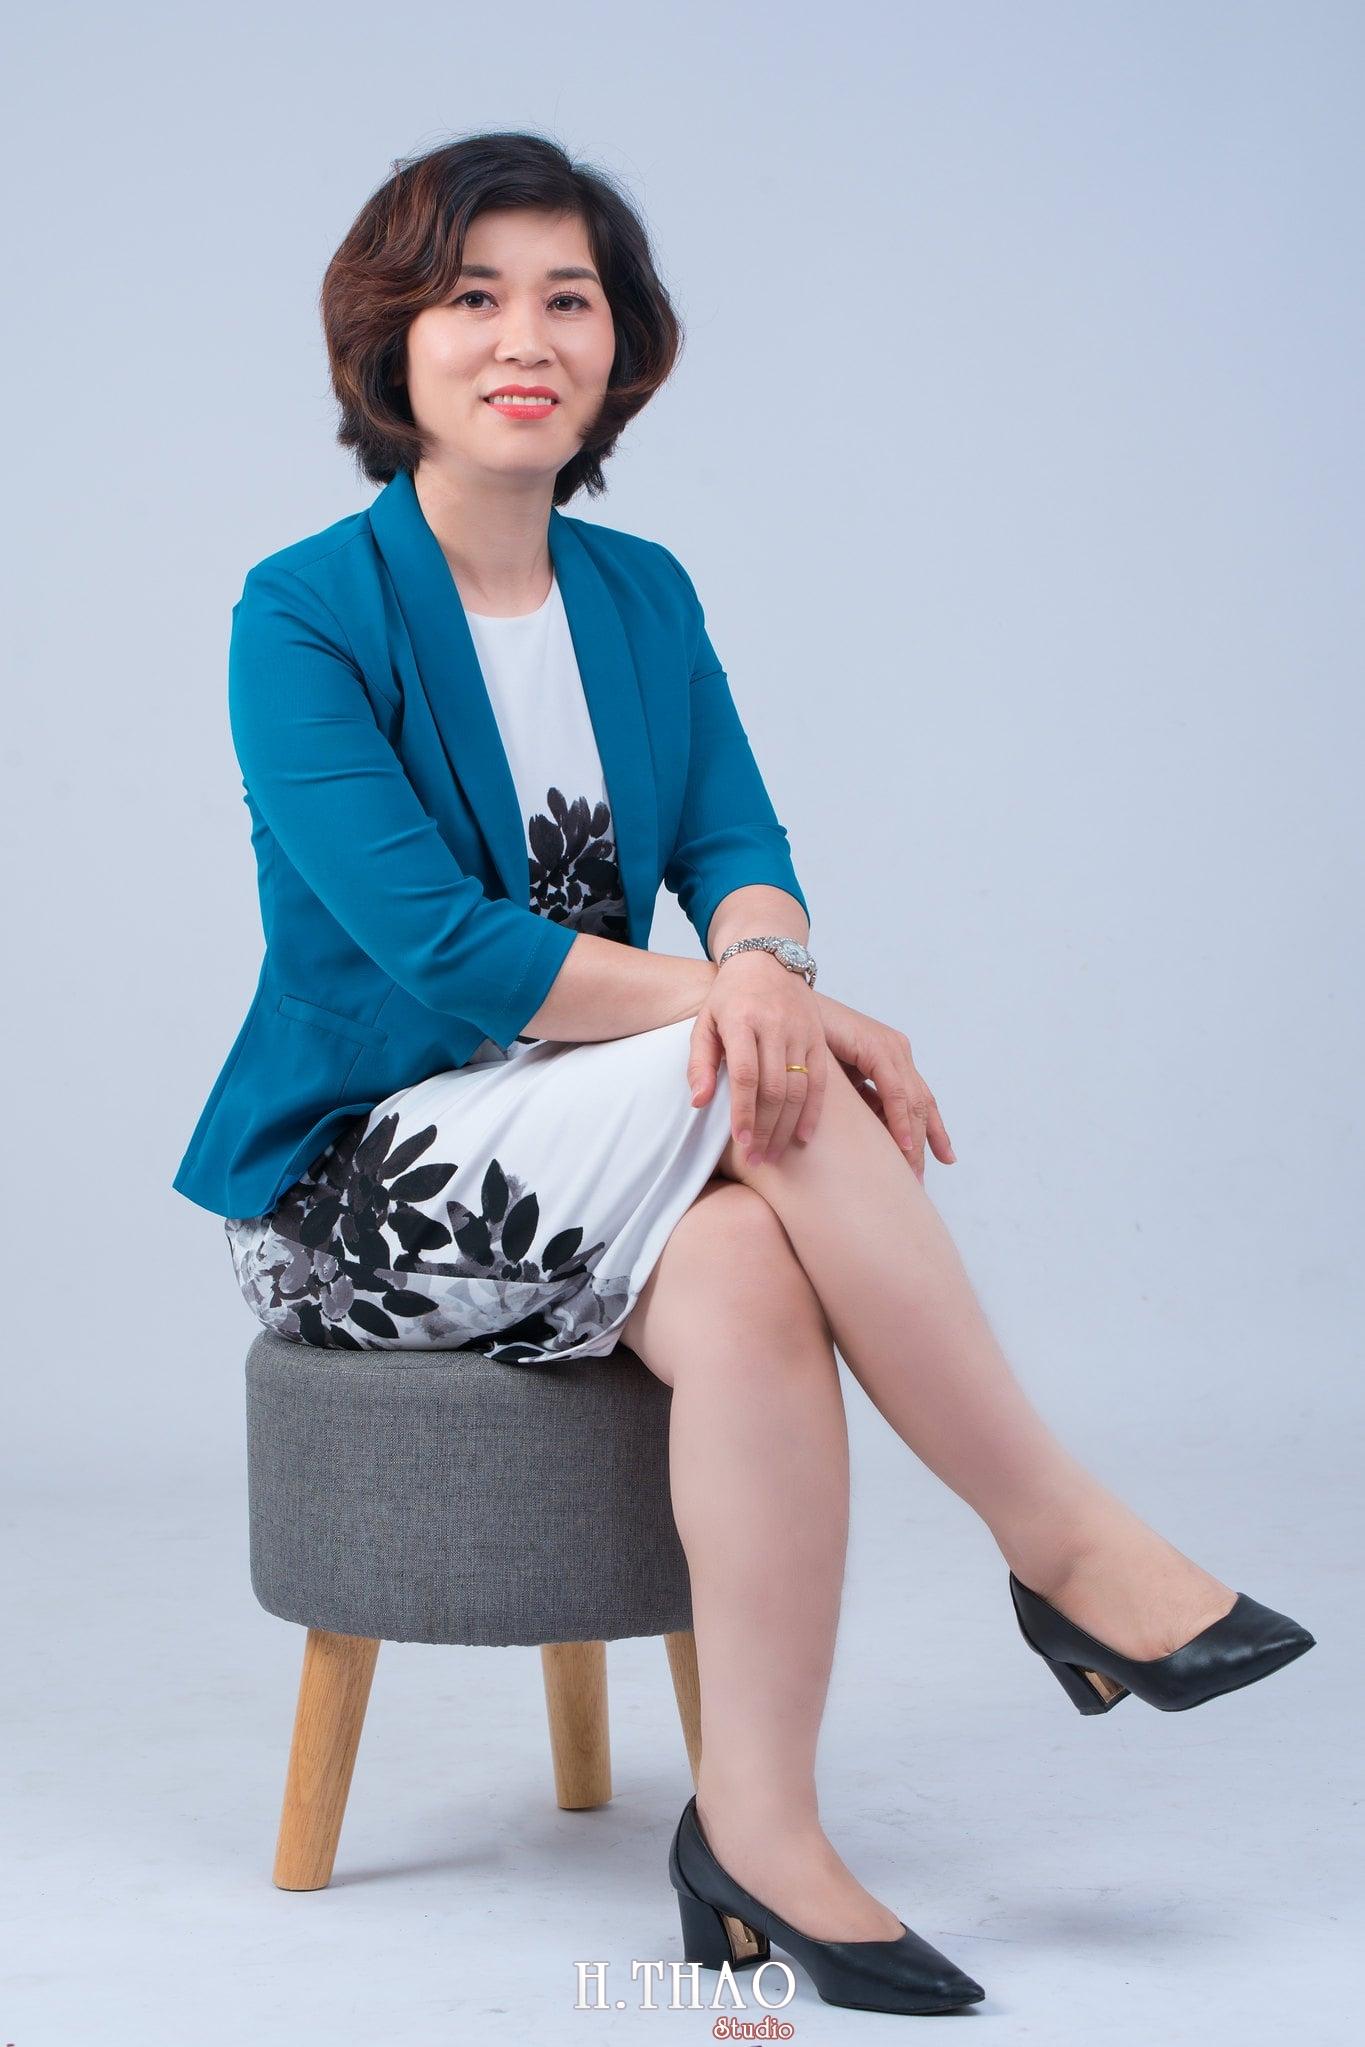 chan dung nu 4 - Album ảnh doanh nhân chị Quỳnh sang trọng, quý phái - HThao Studio